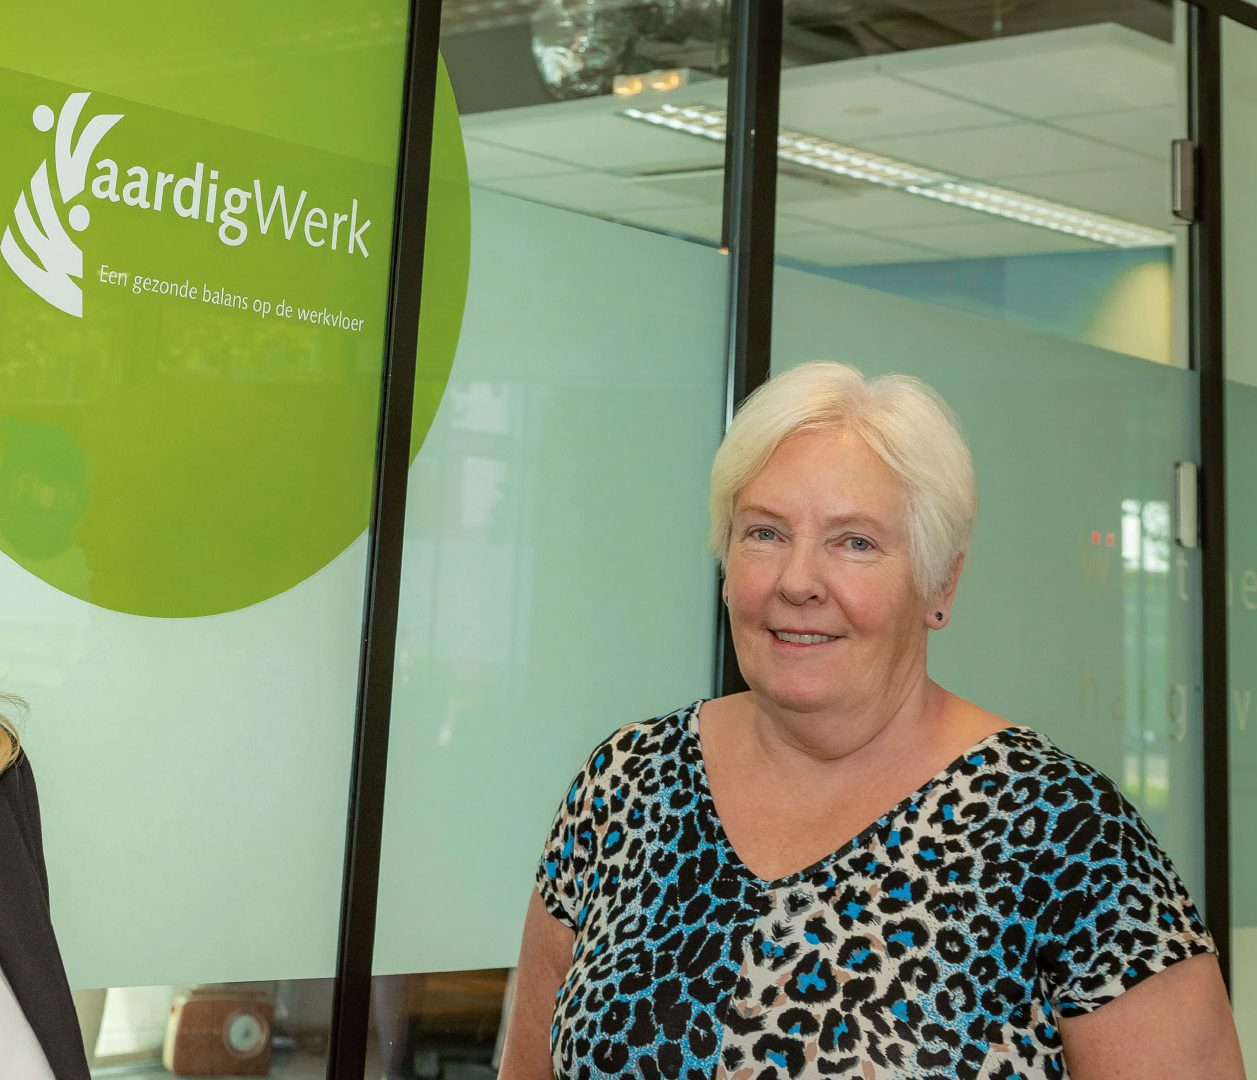 Vaardigwerk Start een nieuwe arbo-locatie in het Westland